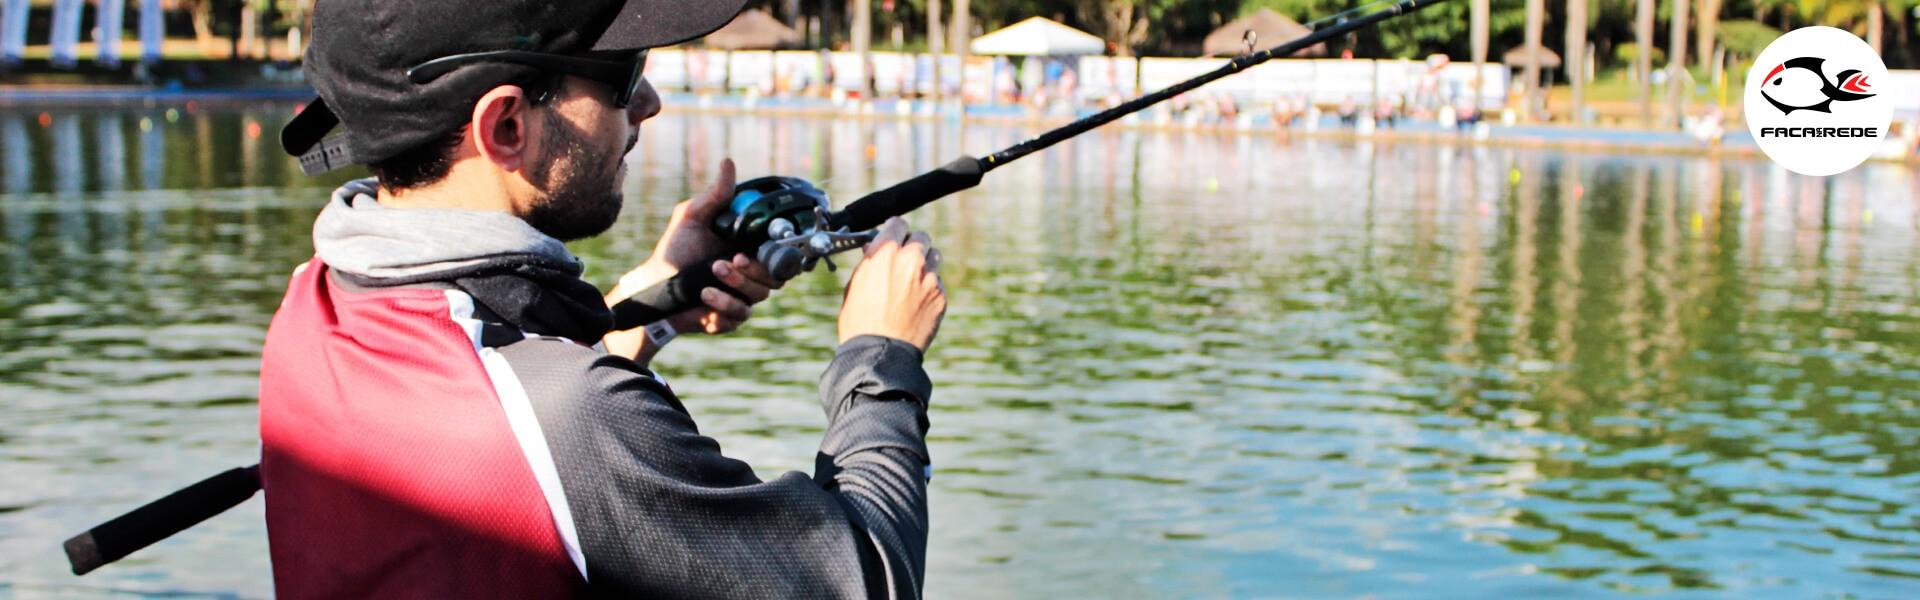 Faca na Rede renova parceria com Campeonato Brasileiro em Pesqueiros